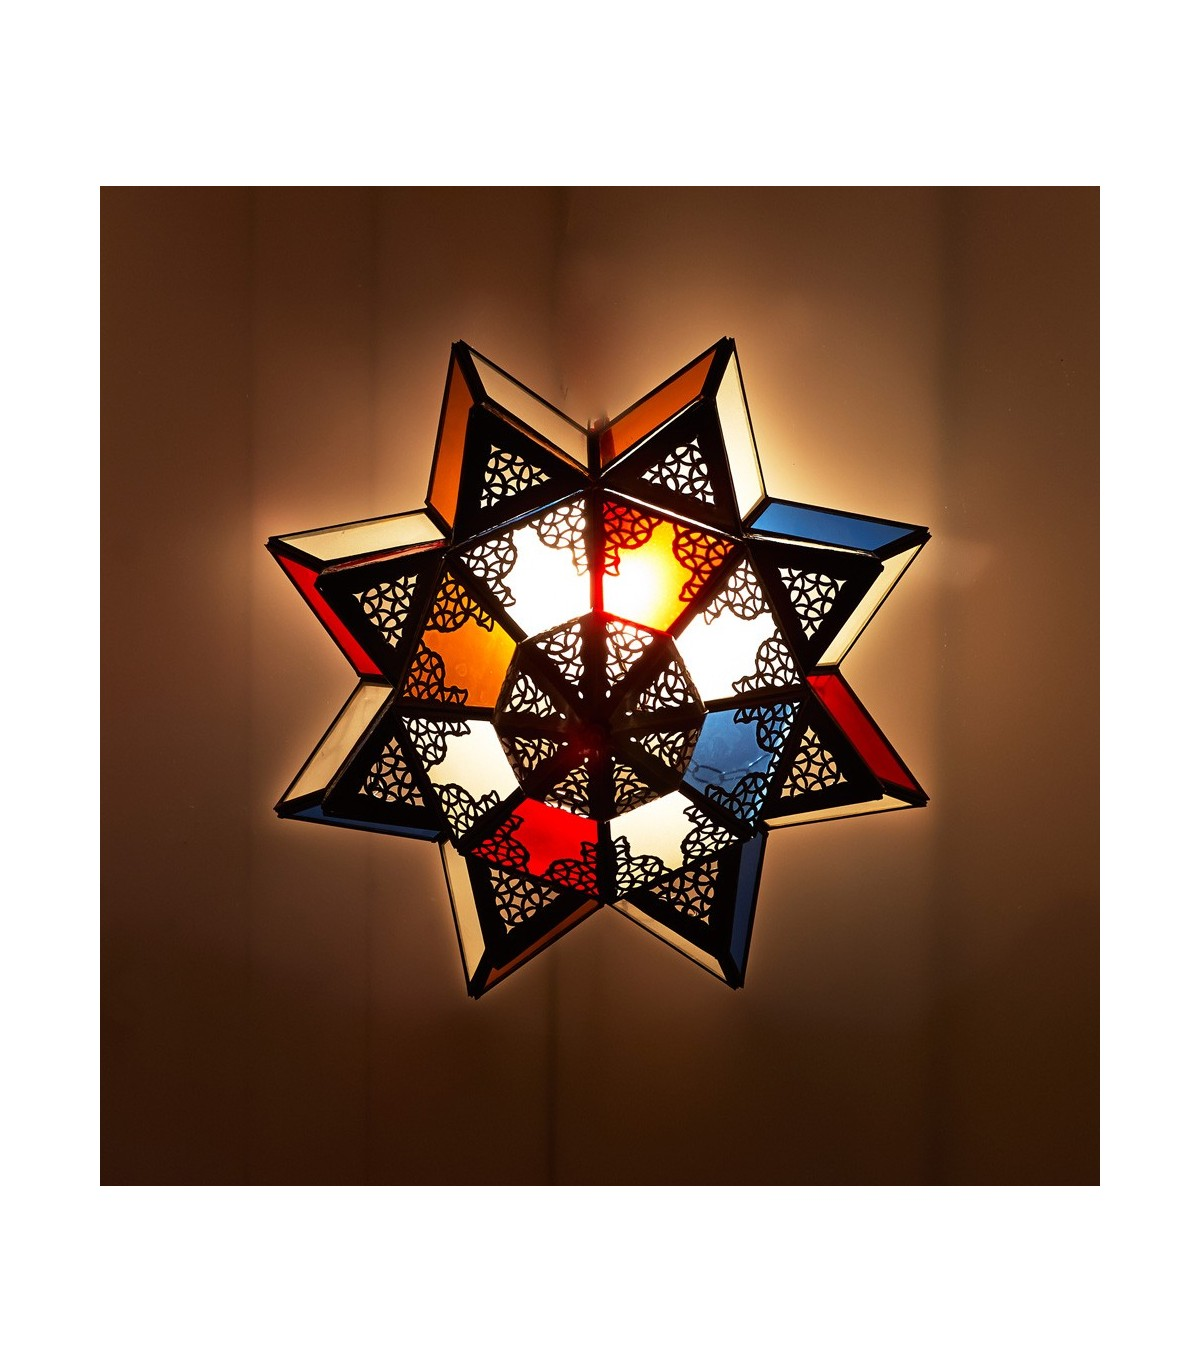 Full Size of Arabische Decke Lampe Mehrfarbige Kristalle Entwurf Tagesdecke Bett Badezimmer Wohnzimmer Led Deckenleuchte Deckenlampe Decken Deckenlampen Für Schlafzimmer Wohnzimmer Holzlampe Decke